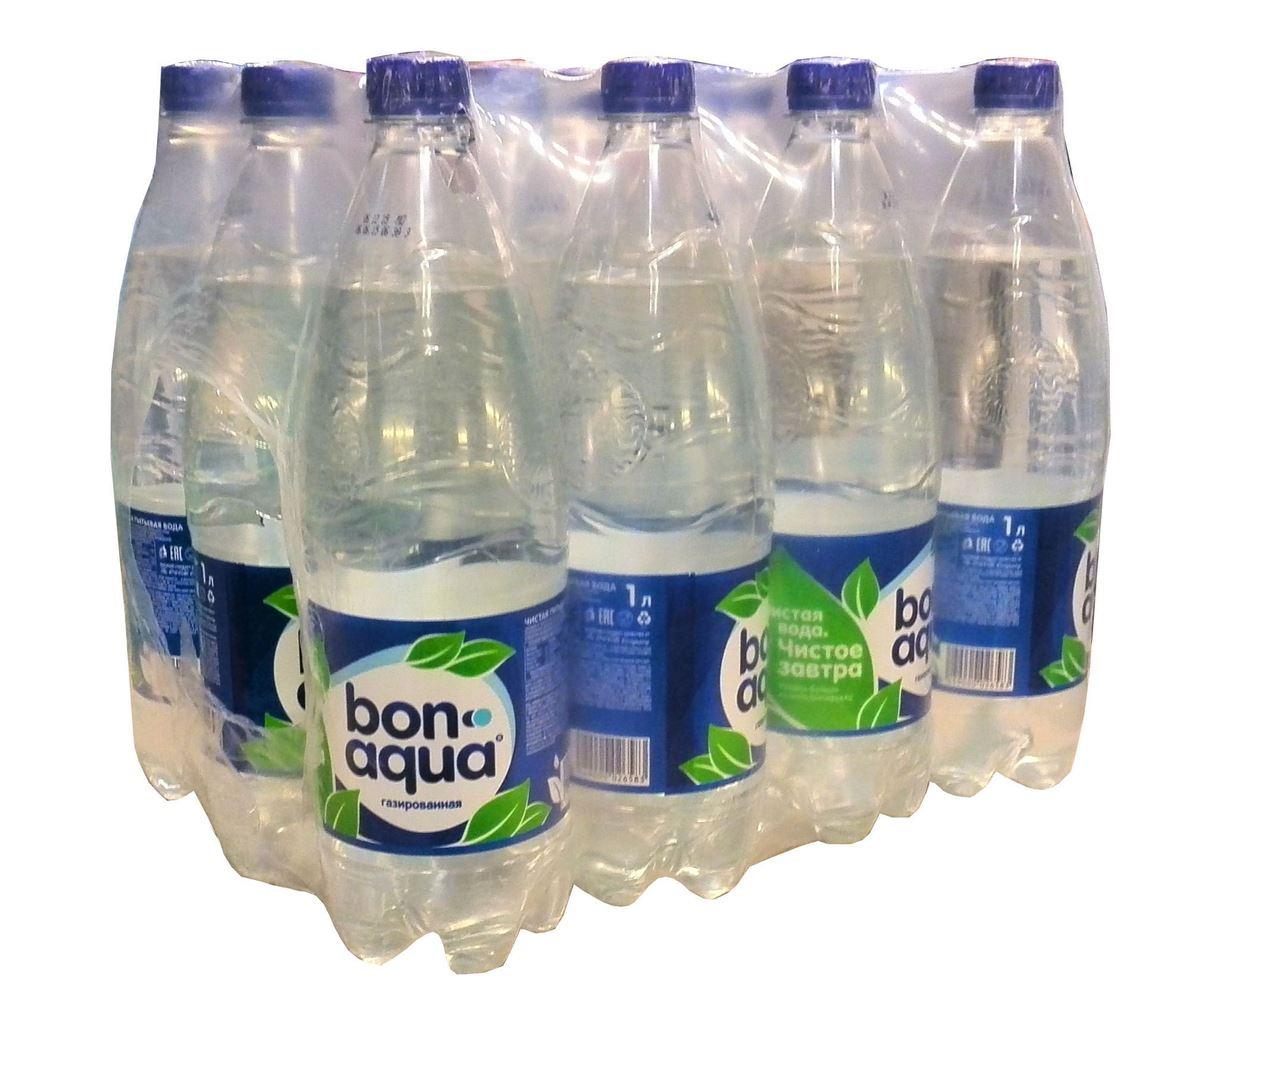 Вода Bonaqua чистая питьевая газированная, 1л (упаковка 12шт)